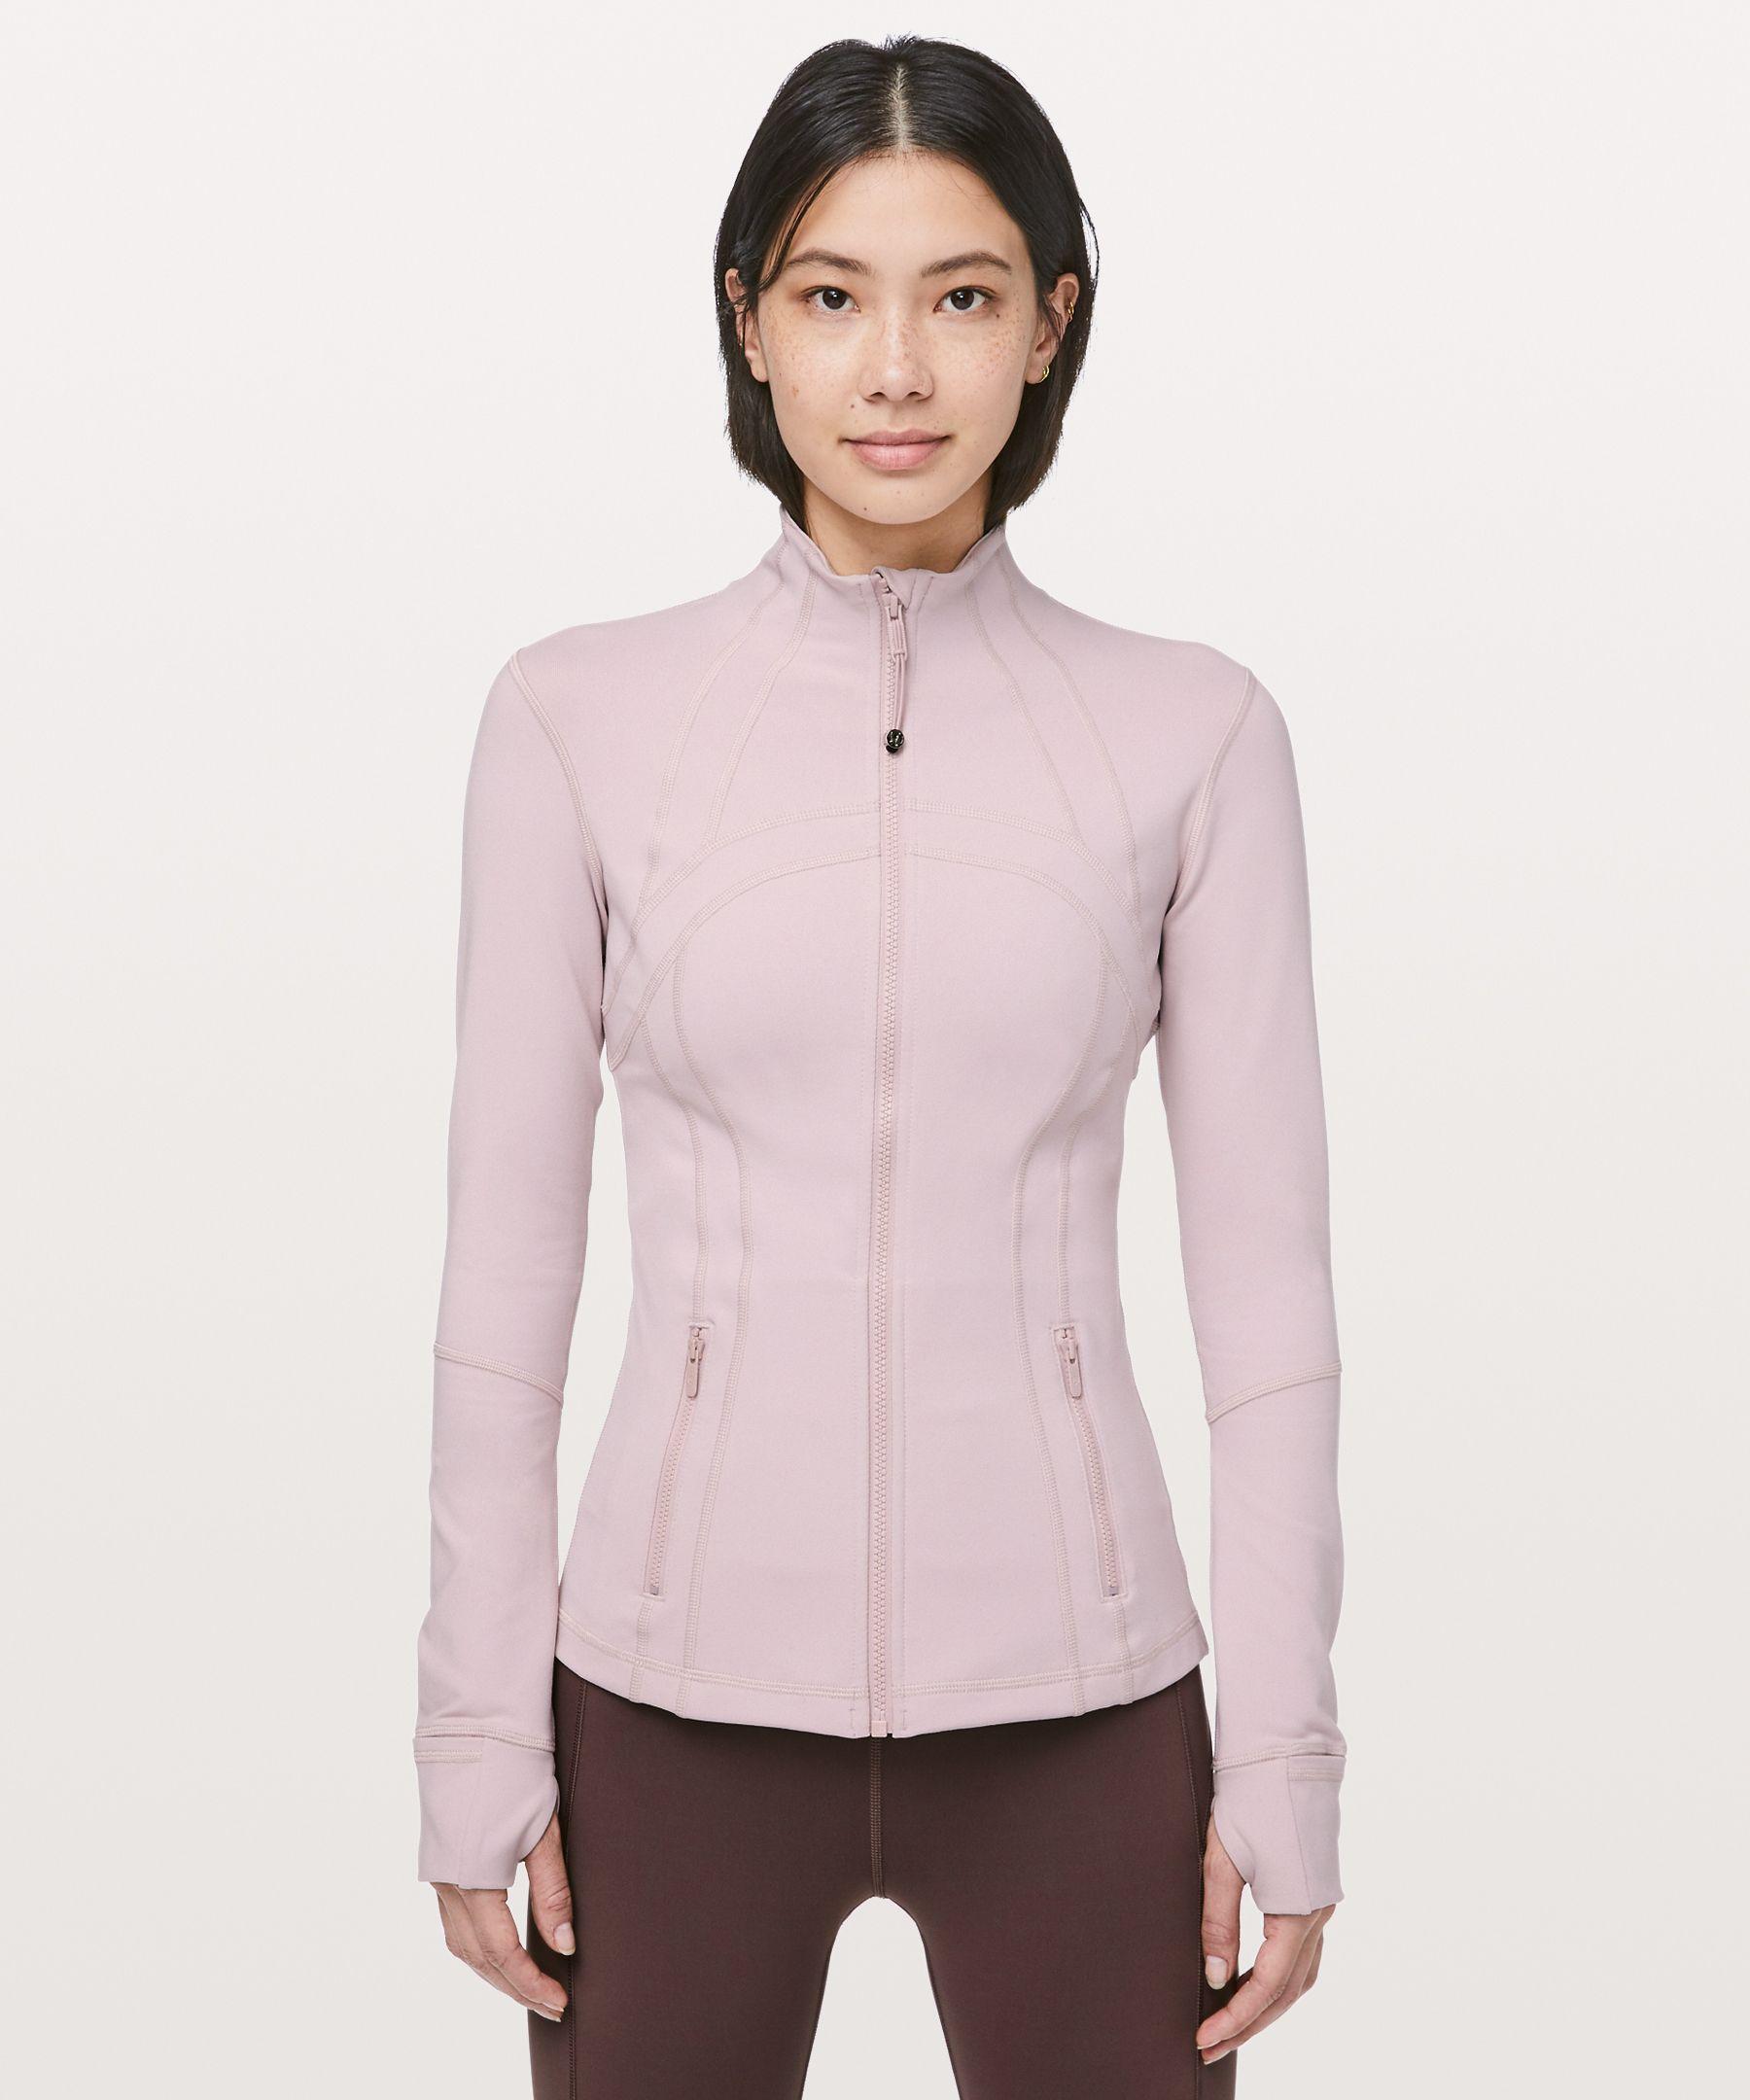 Lululemon Define Jacket In Porcelain Pink